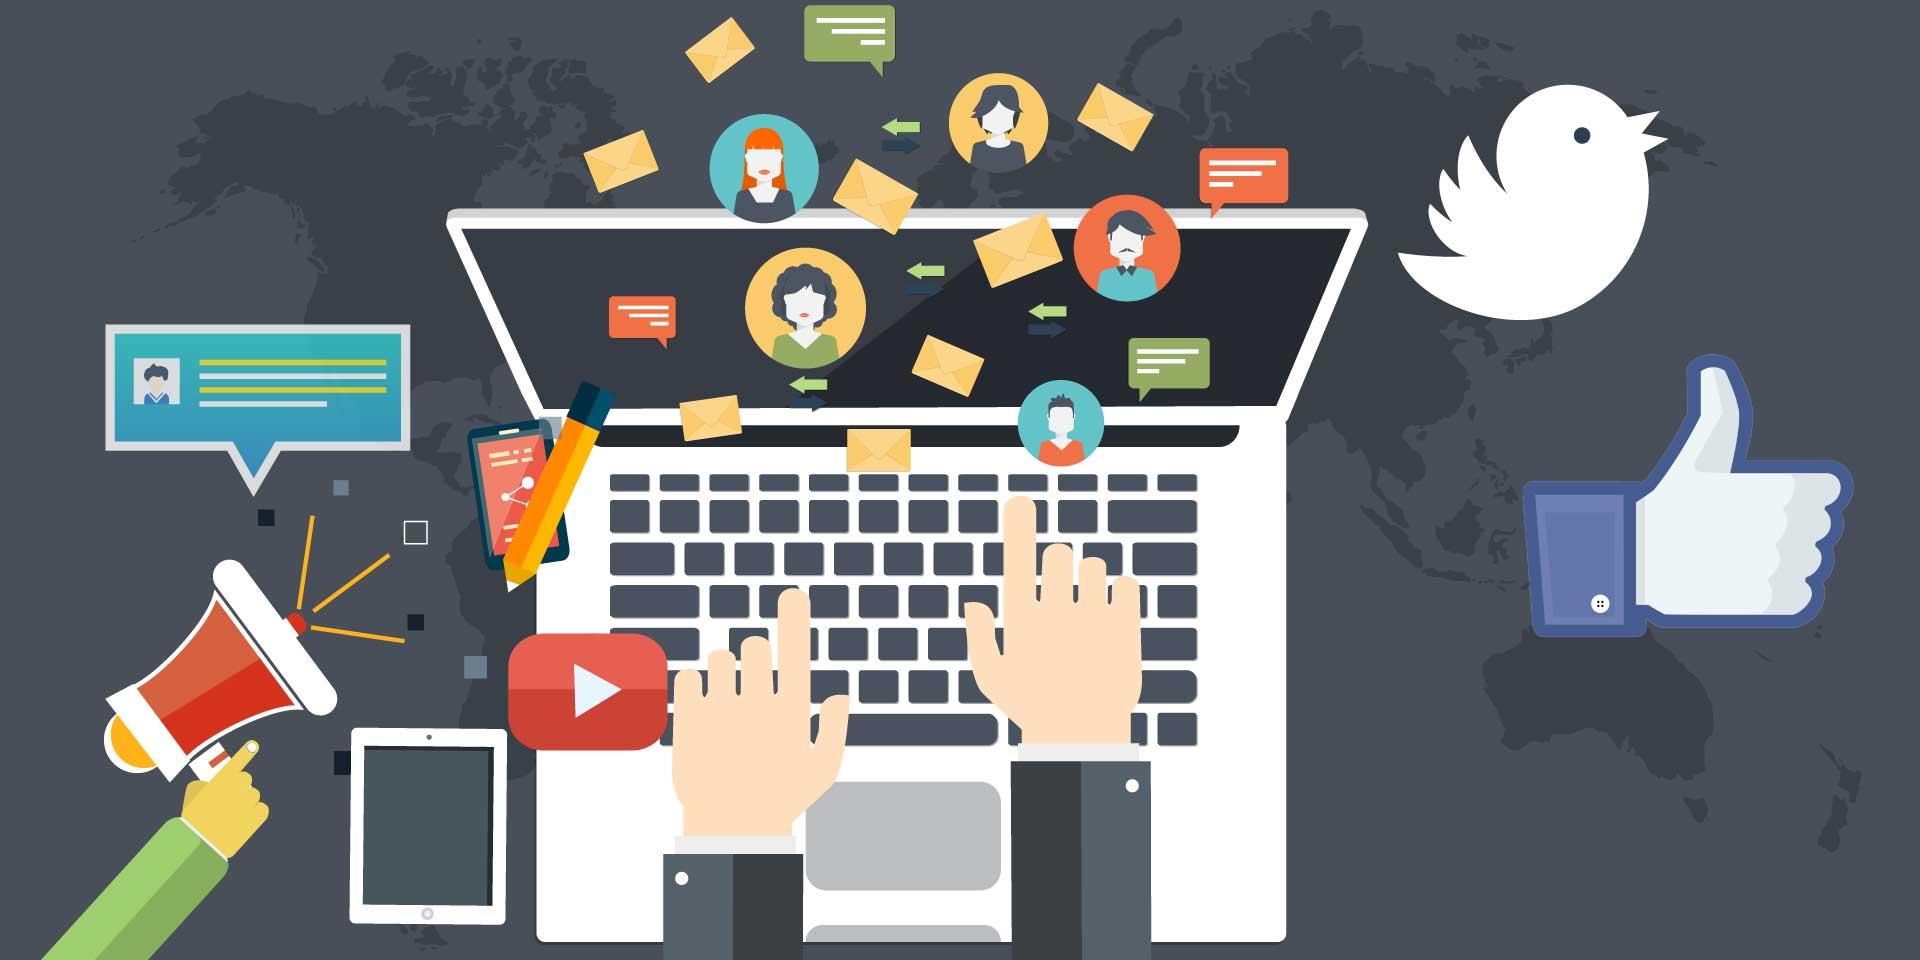 marketing-social-media-management